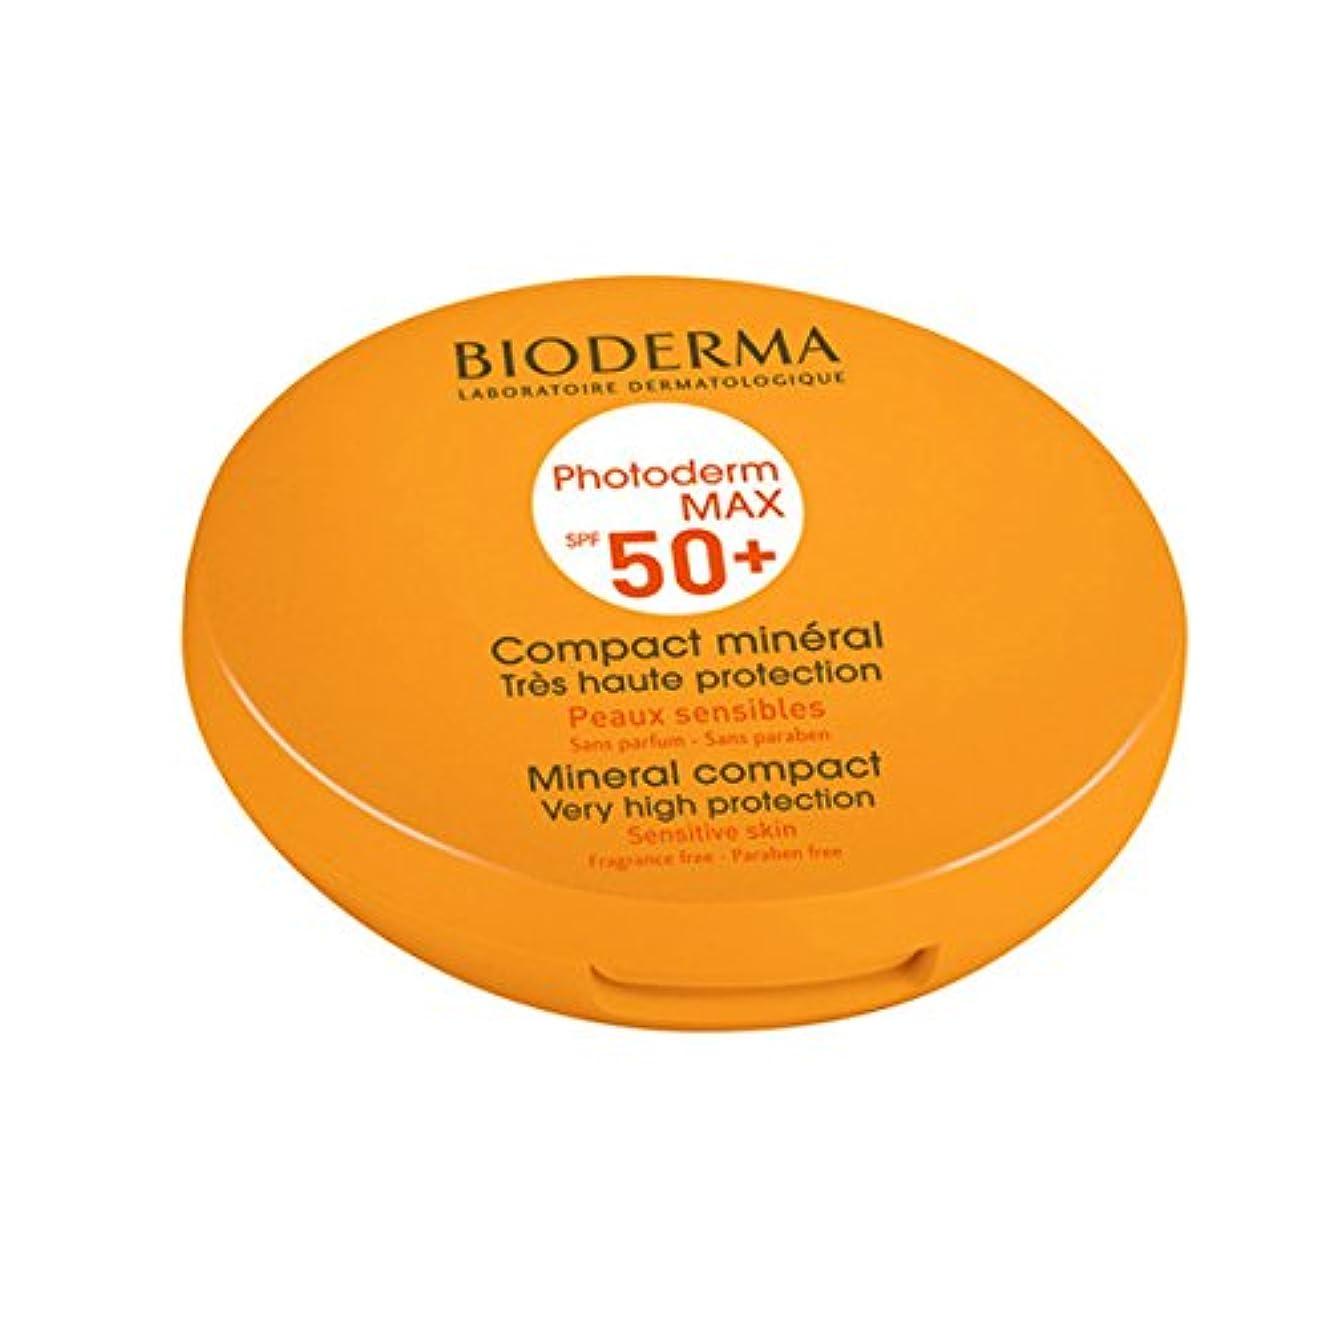 把握道徳教育凍るBioderma Photoderm Max Compact Mineral 50+ Golden 10g [並行輸入品]